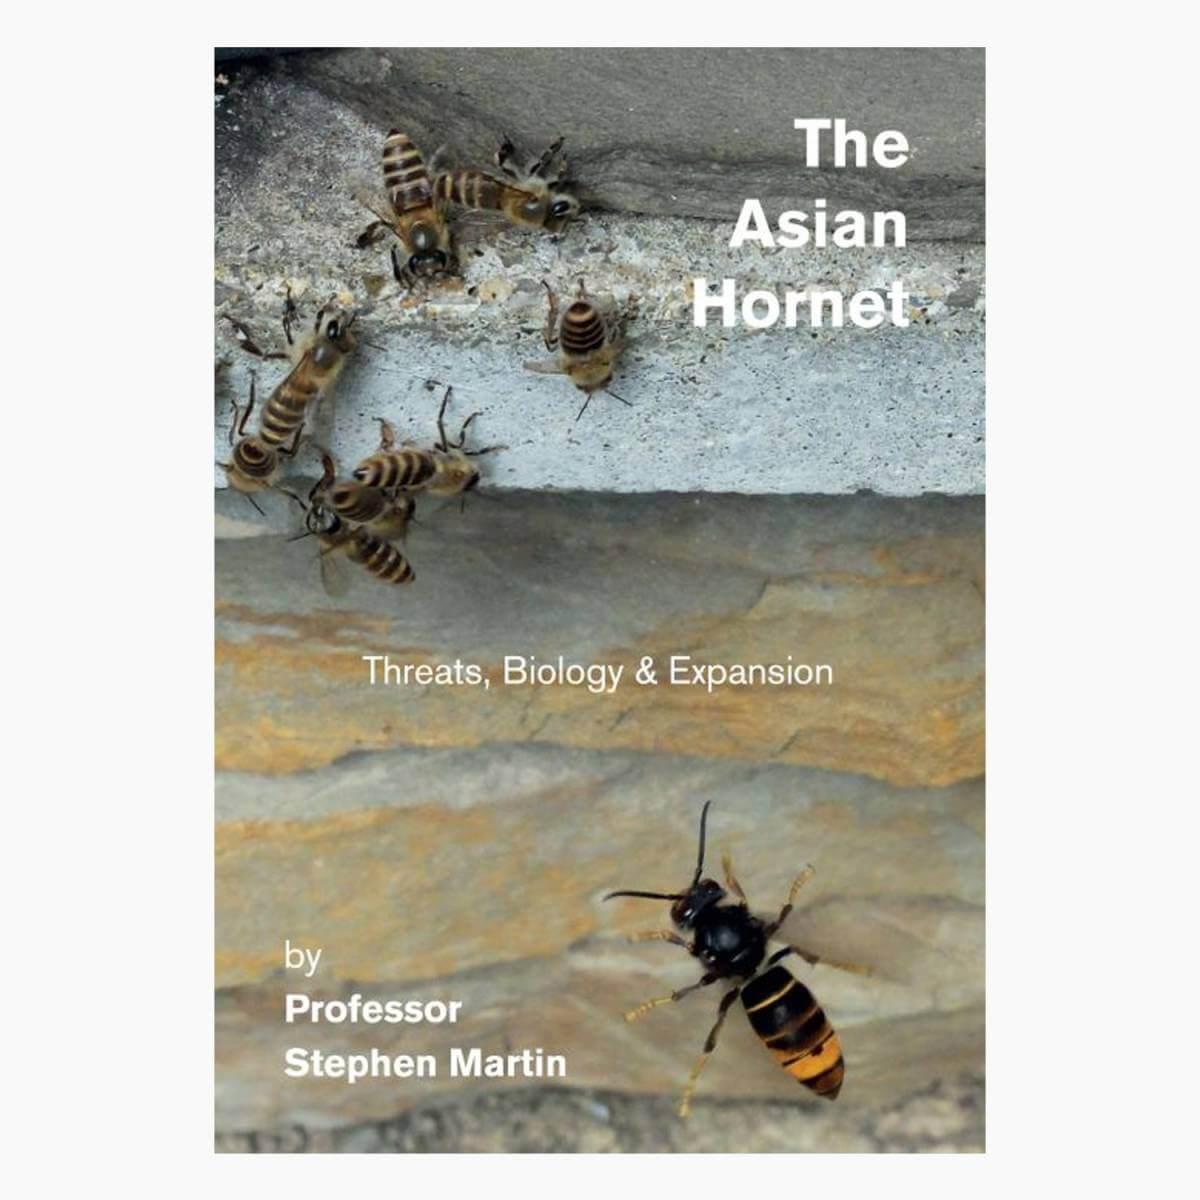 The Asian Hornet